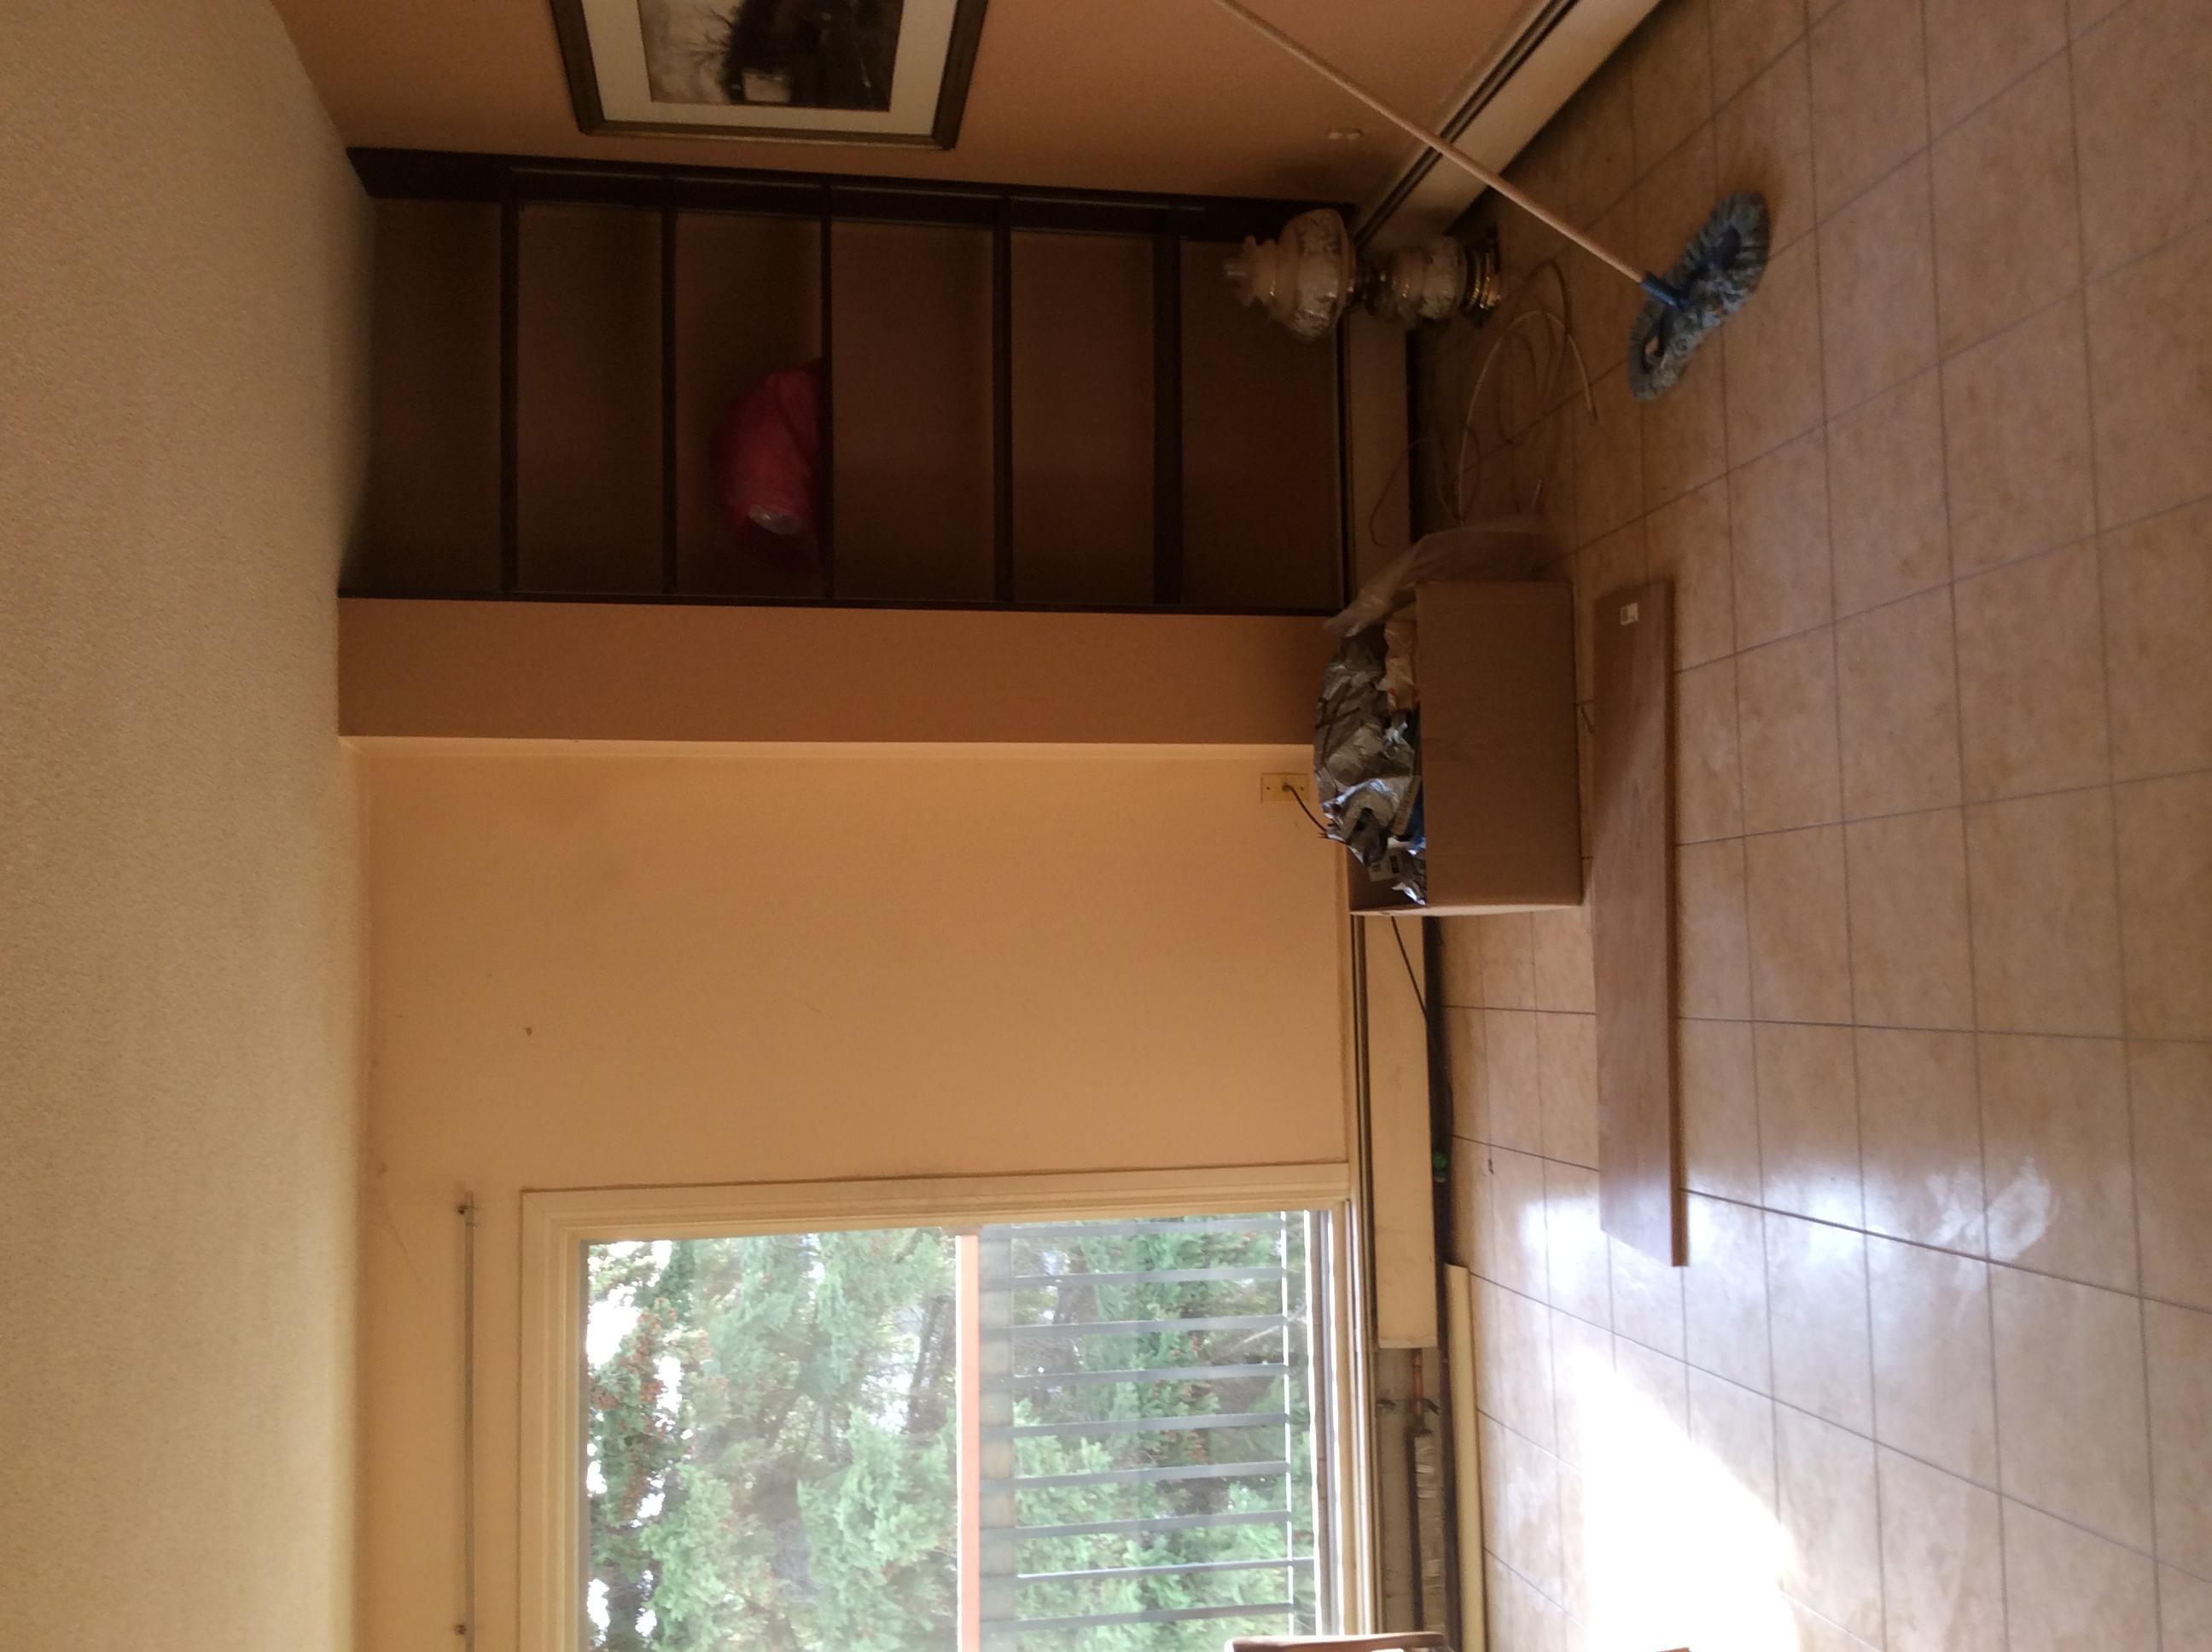 Inglewood+Condo+Livingroom+Storage+Before.JPG